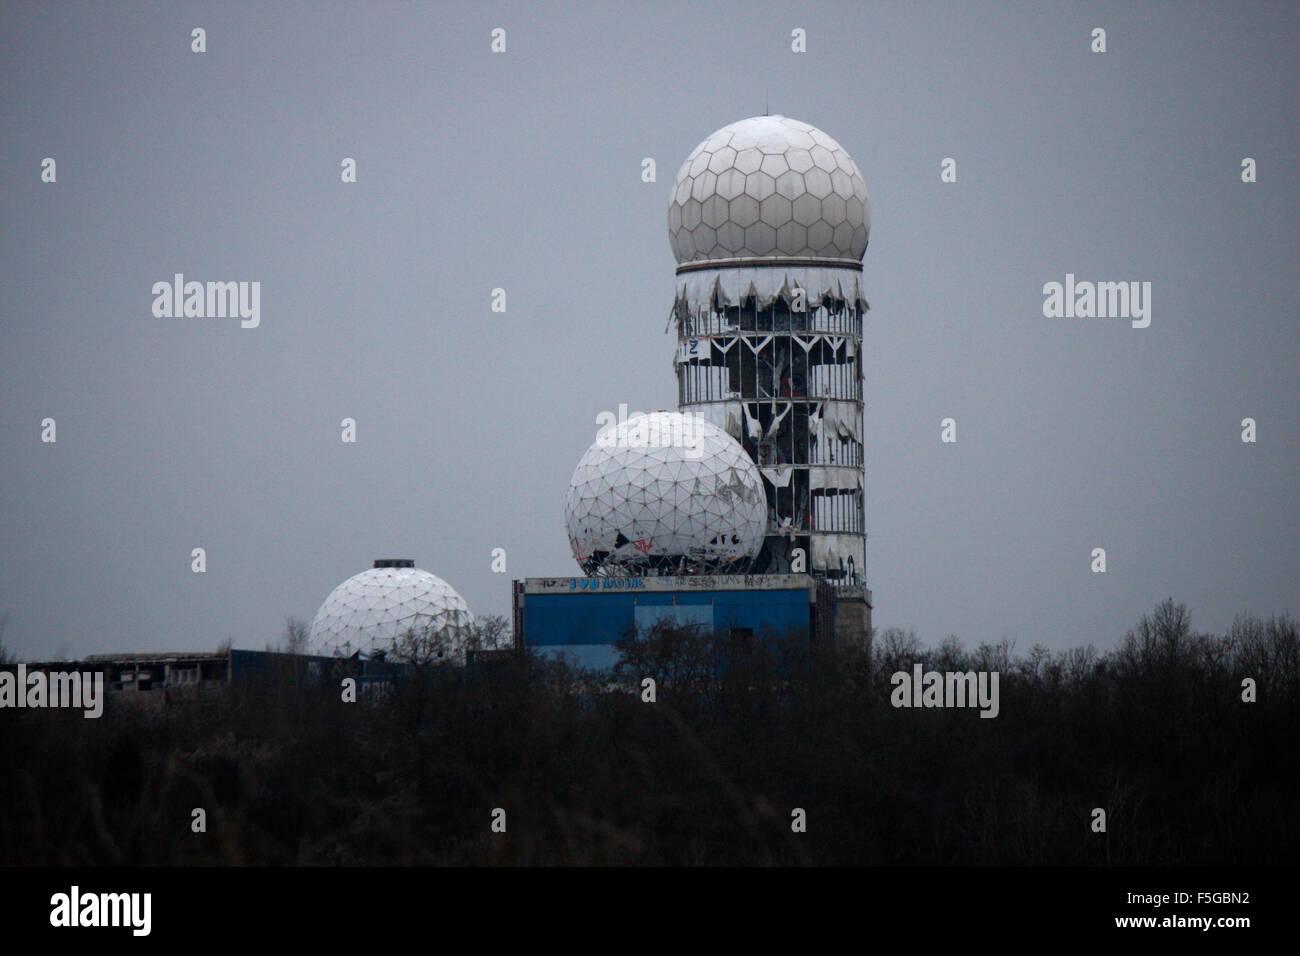 ehemalige US-Abhoeranlagen auf dem Teufelsberg, Berlin-Grunewald. - Stock Image